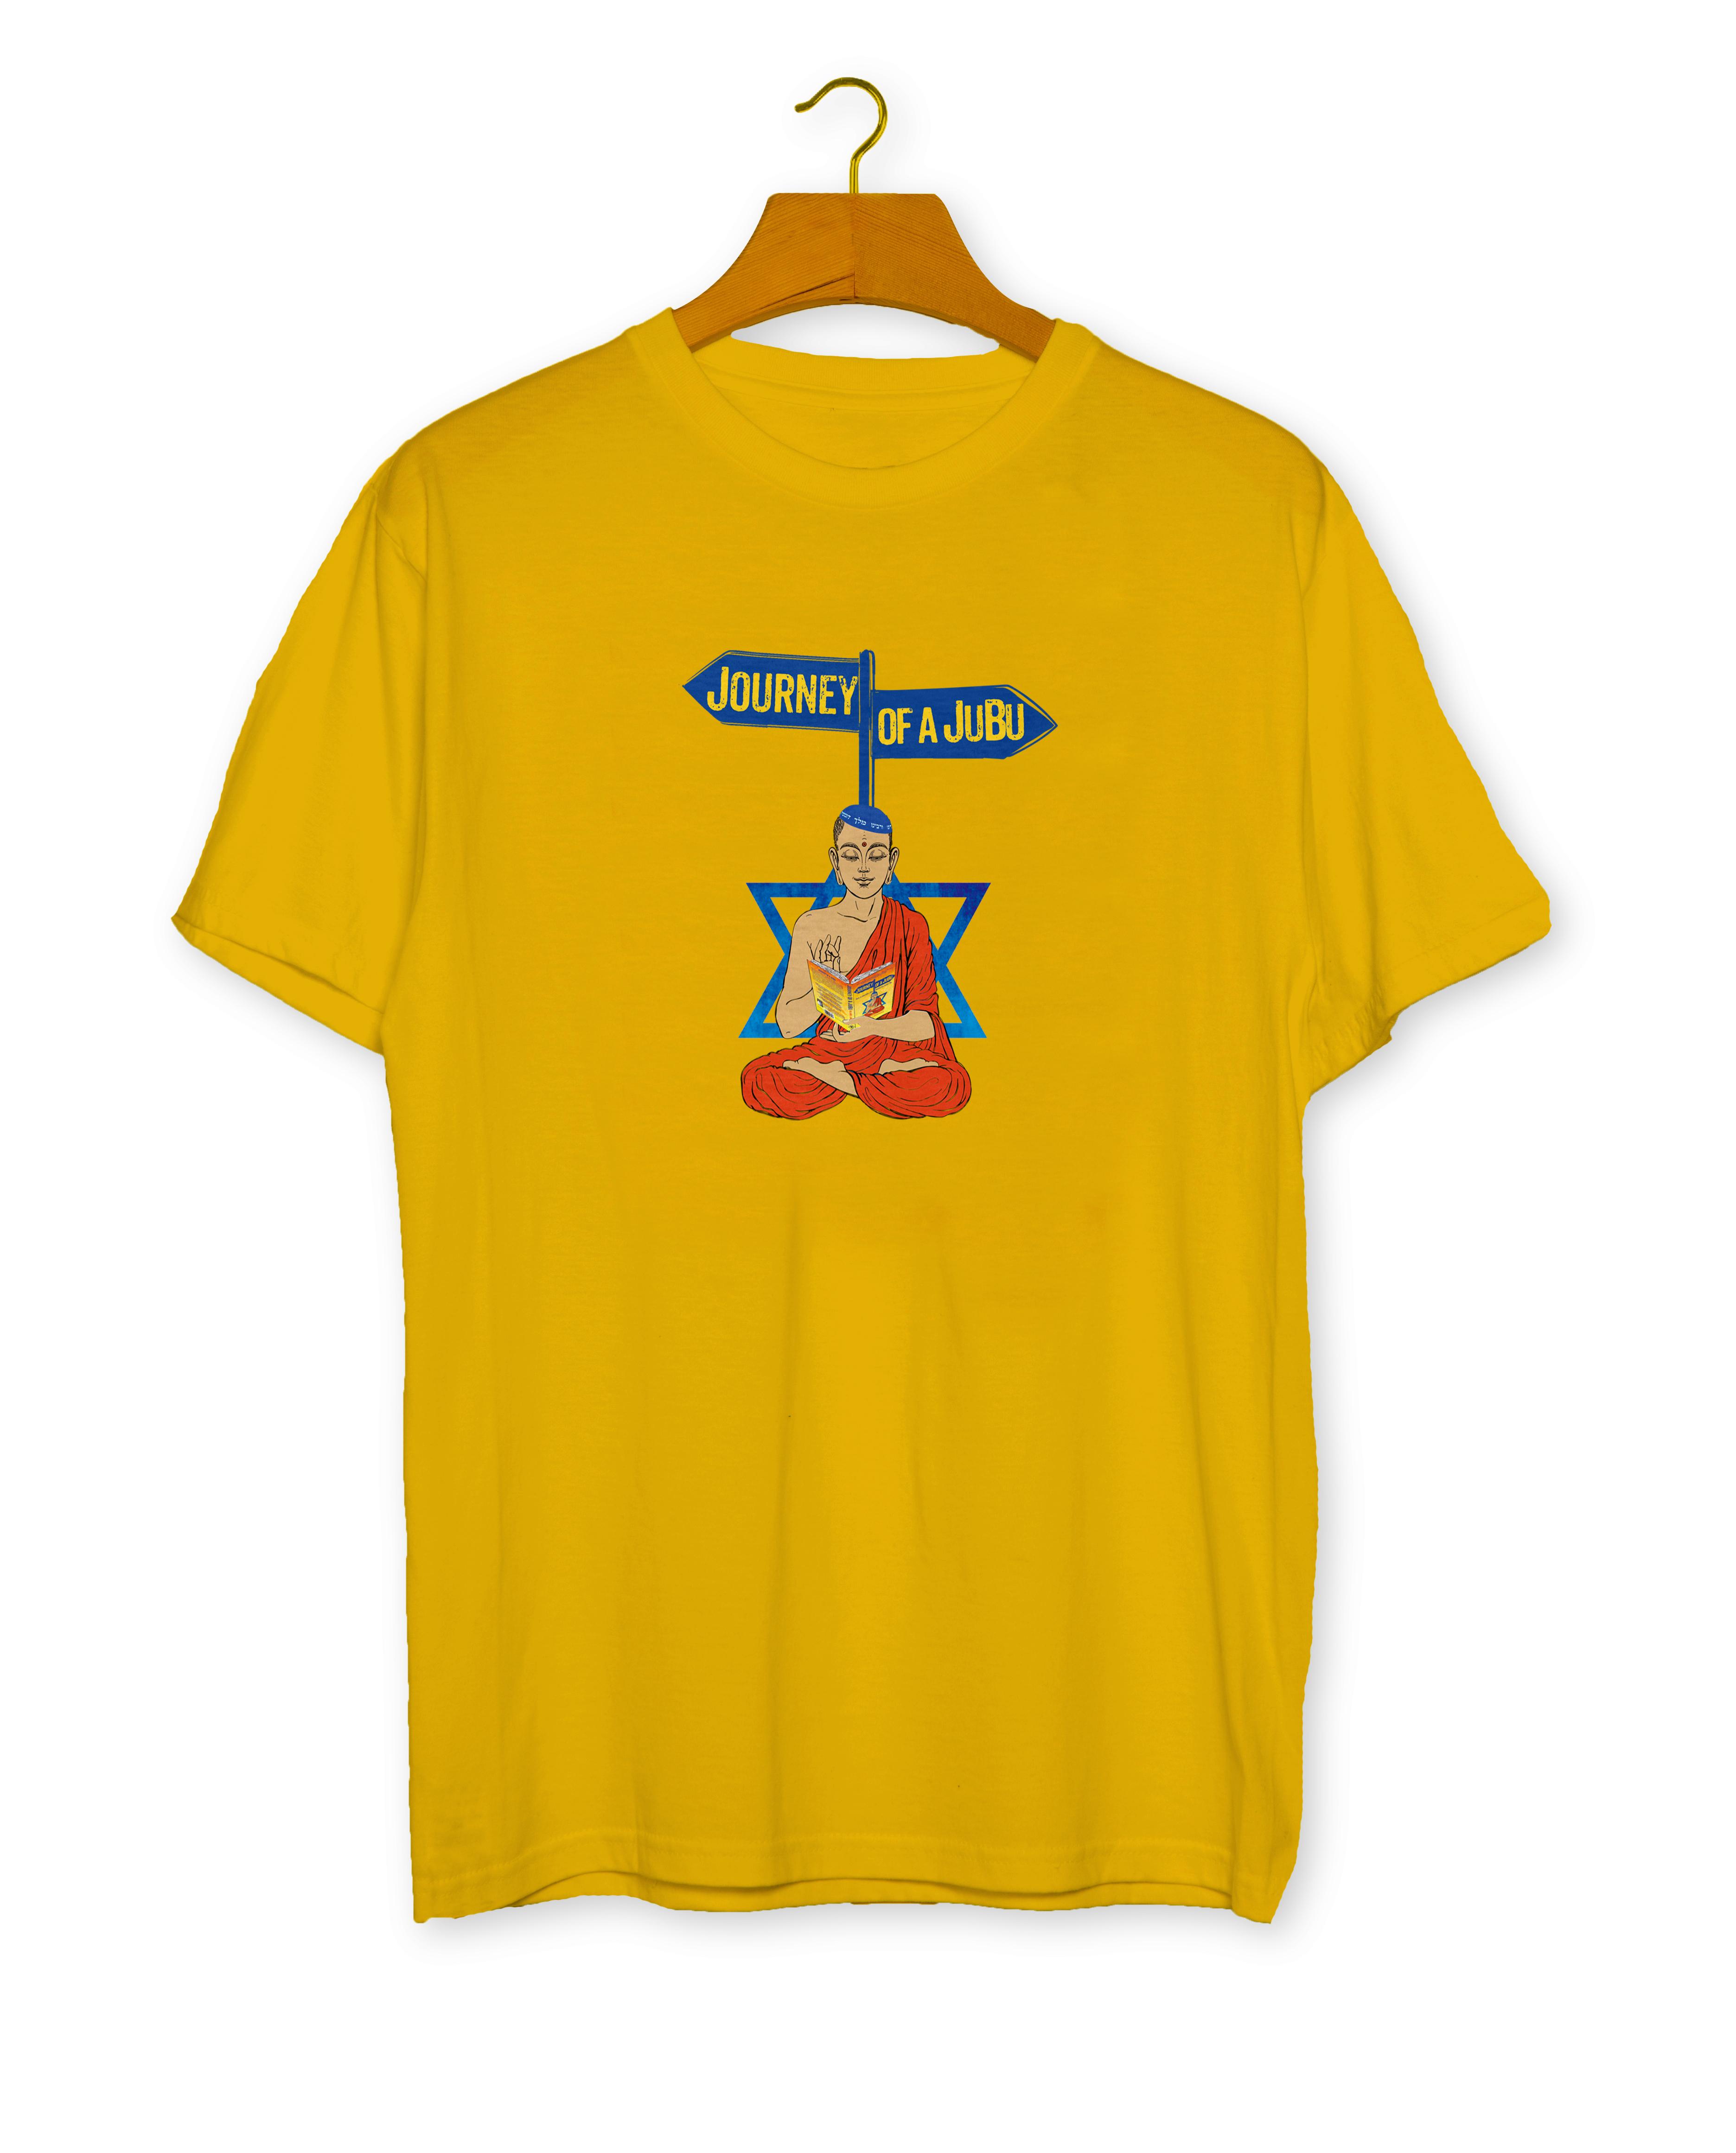 JUBU Yellow T-Shirt Mockup